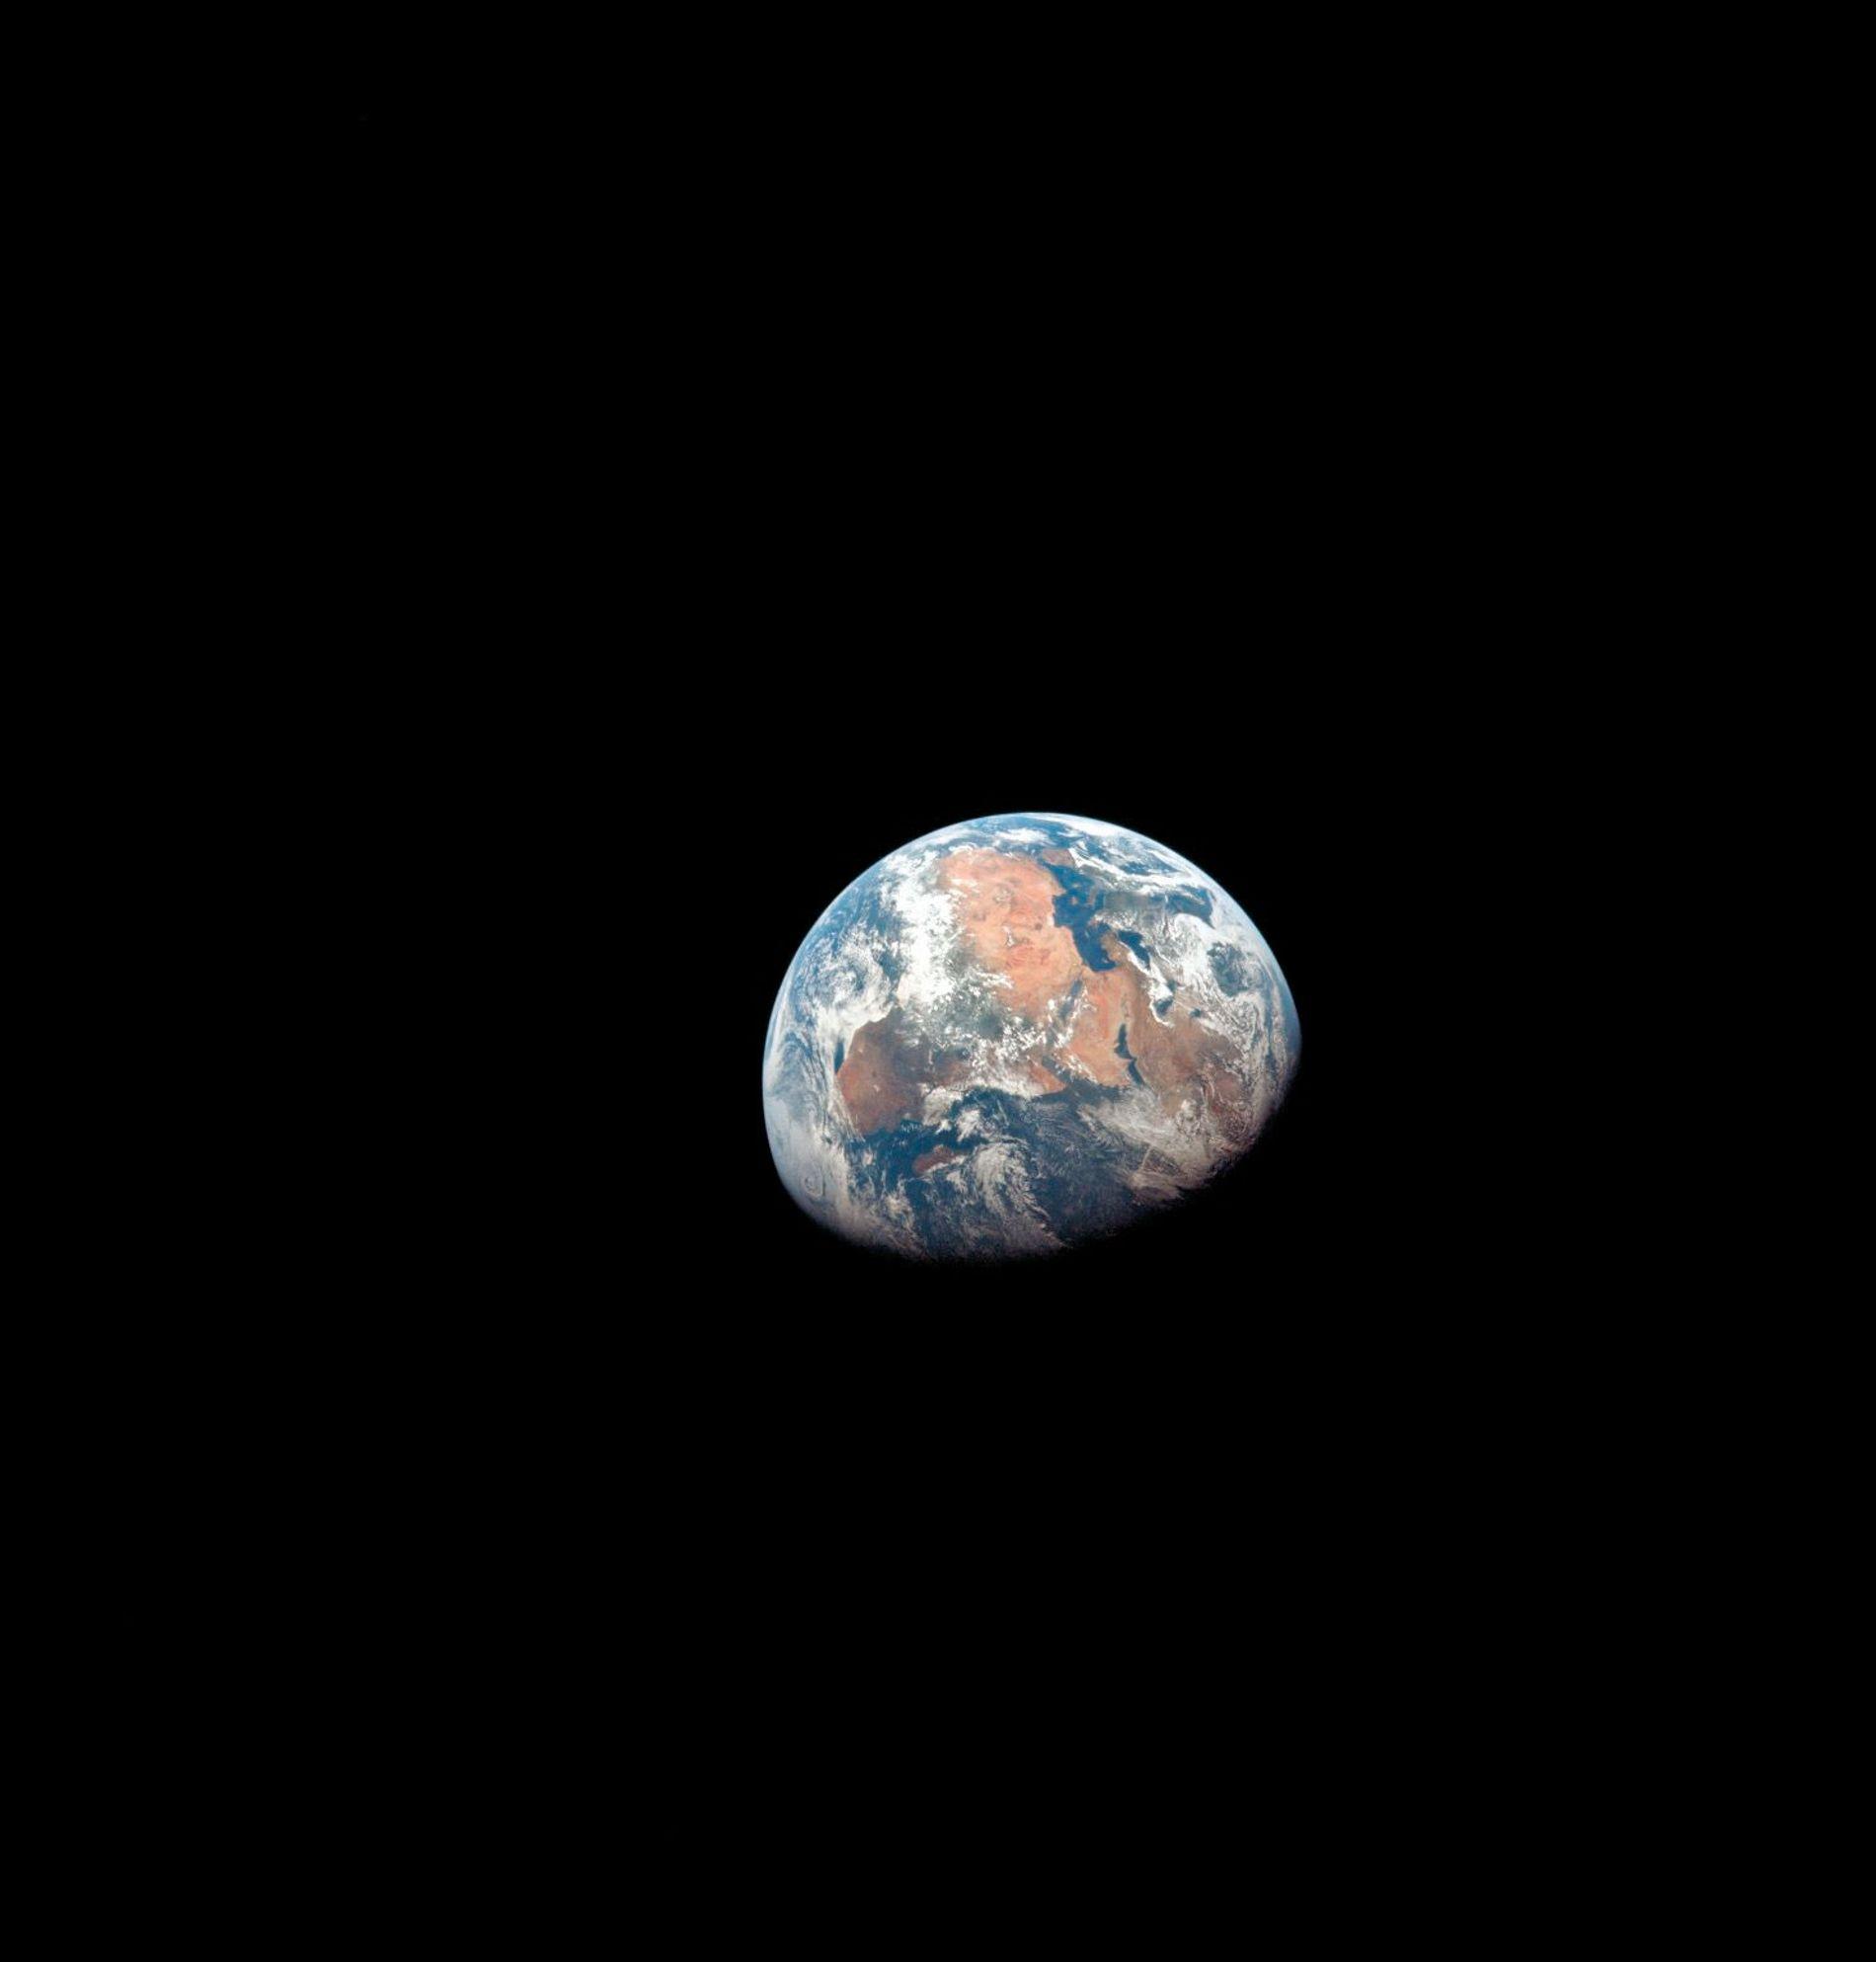 La Terre vue depuis l'espace : une expérience inoubliable